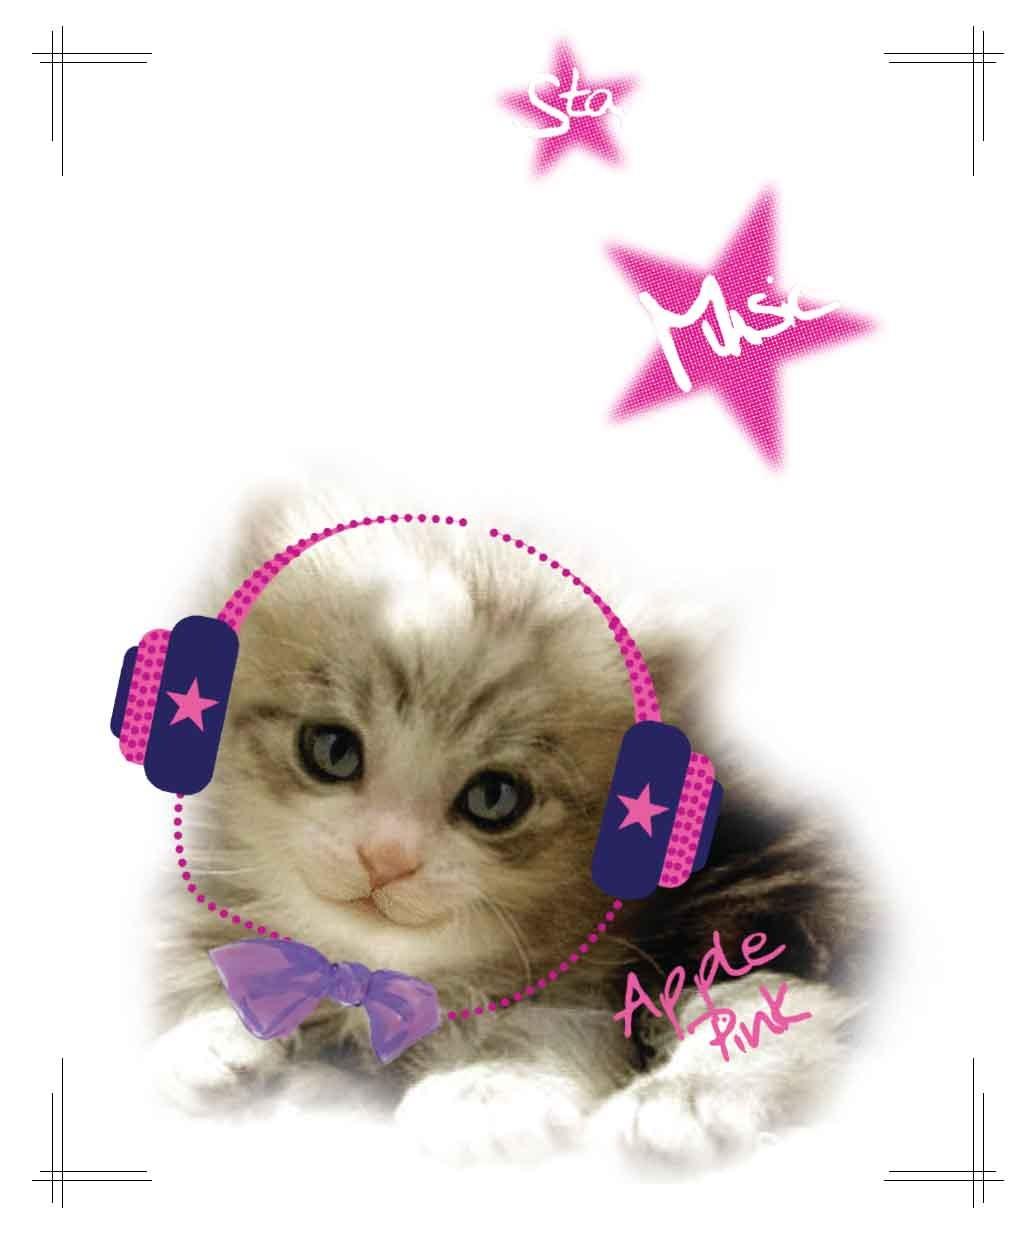 听音乐的超萌可爱小猫+粉色星星印花